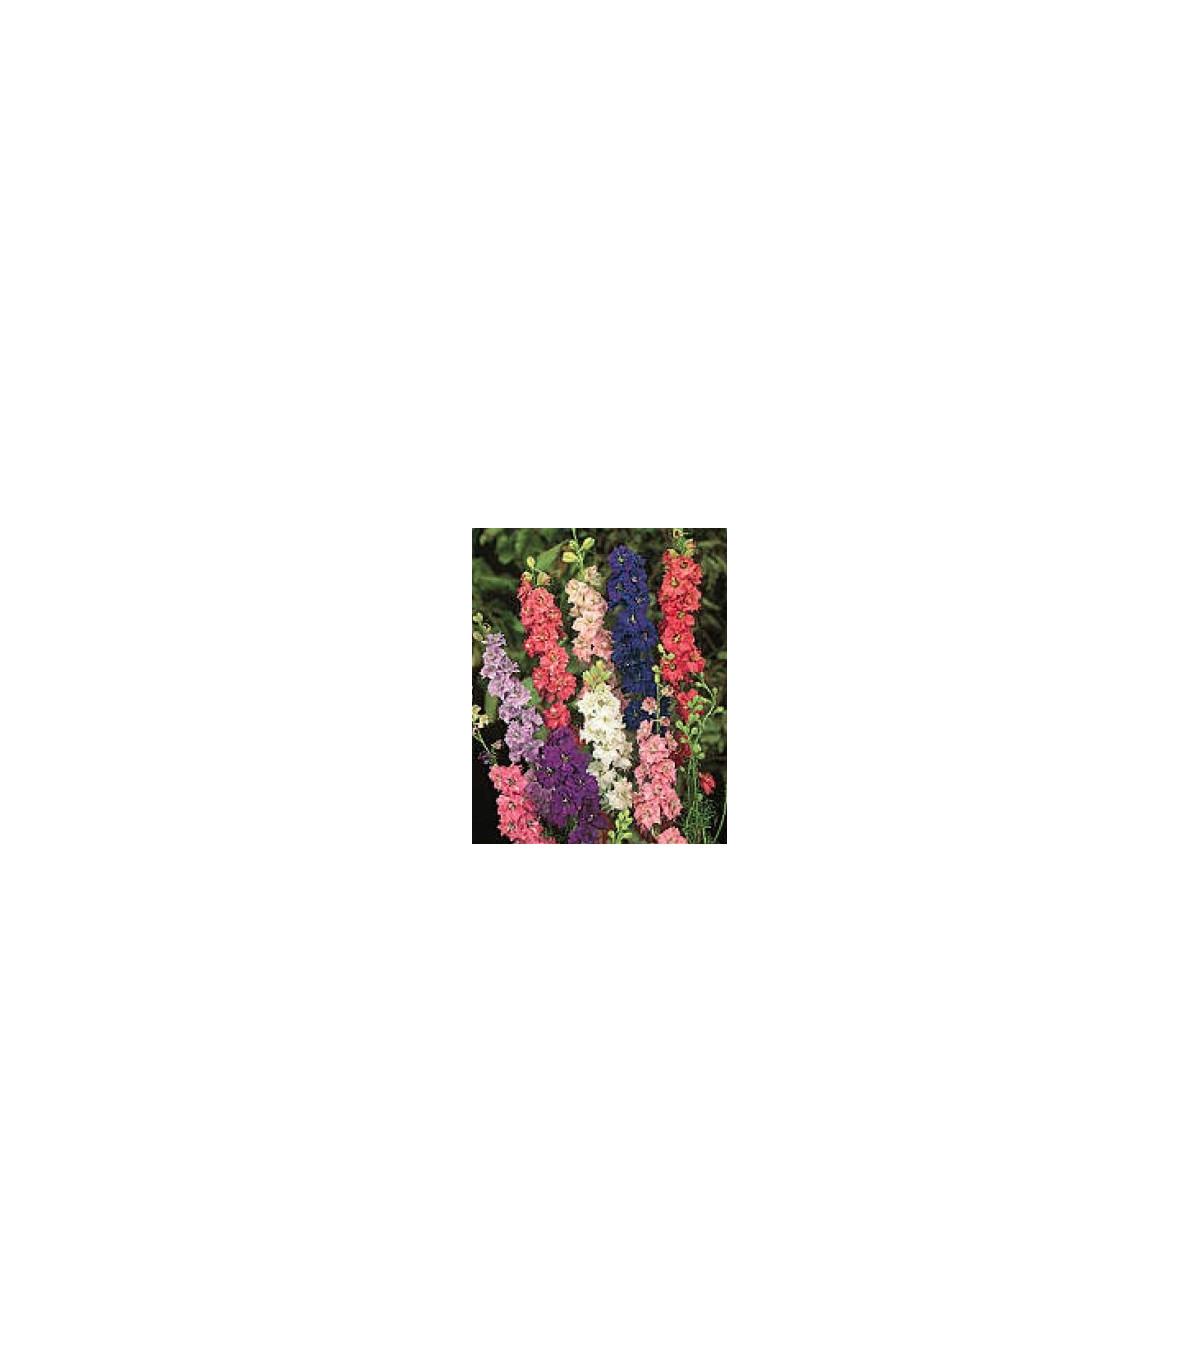 Stračka zahradní hyacintokvětá směs barev - Delphinium ajacis - osivo stračky - 300 ks